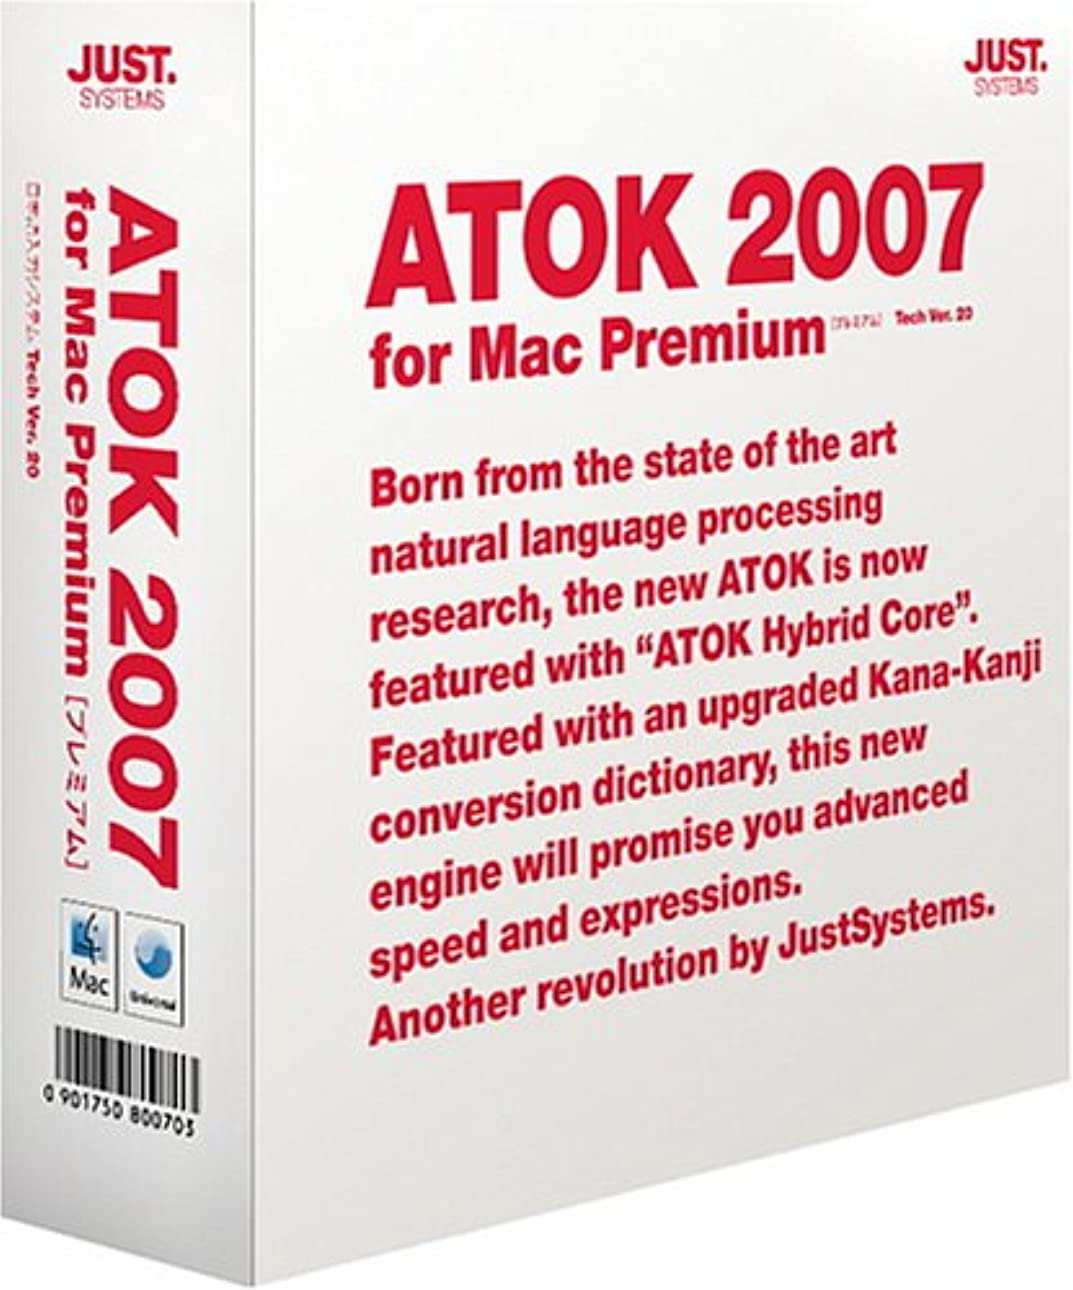 ハミングバード早熟スリチンモイATOK 2007 for Mac [プレミアム]